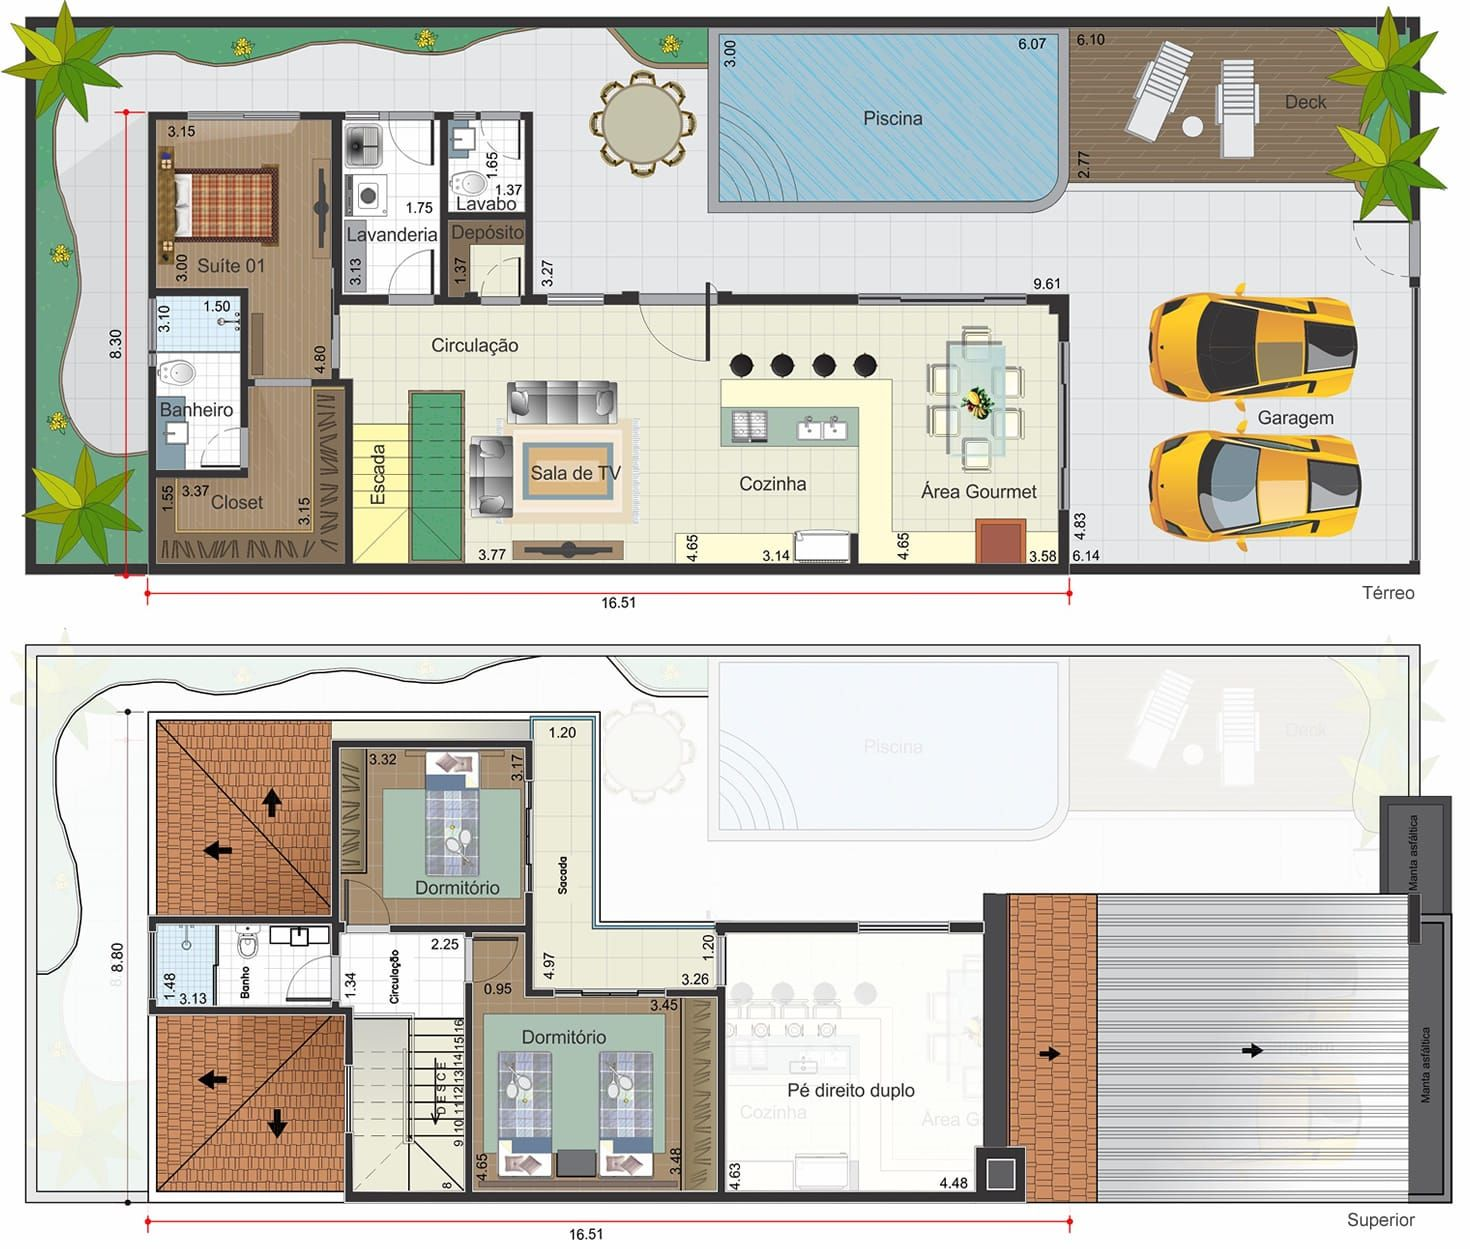 Dise os de viviendas planta baja 4 dormitorios casa dise o for Viviendas de diseno